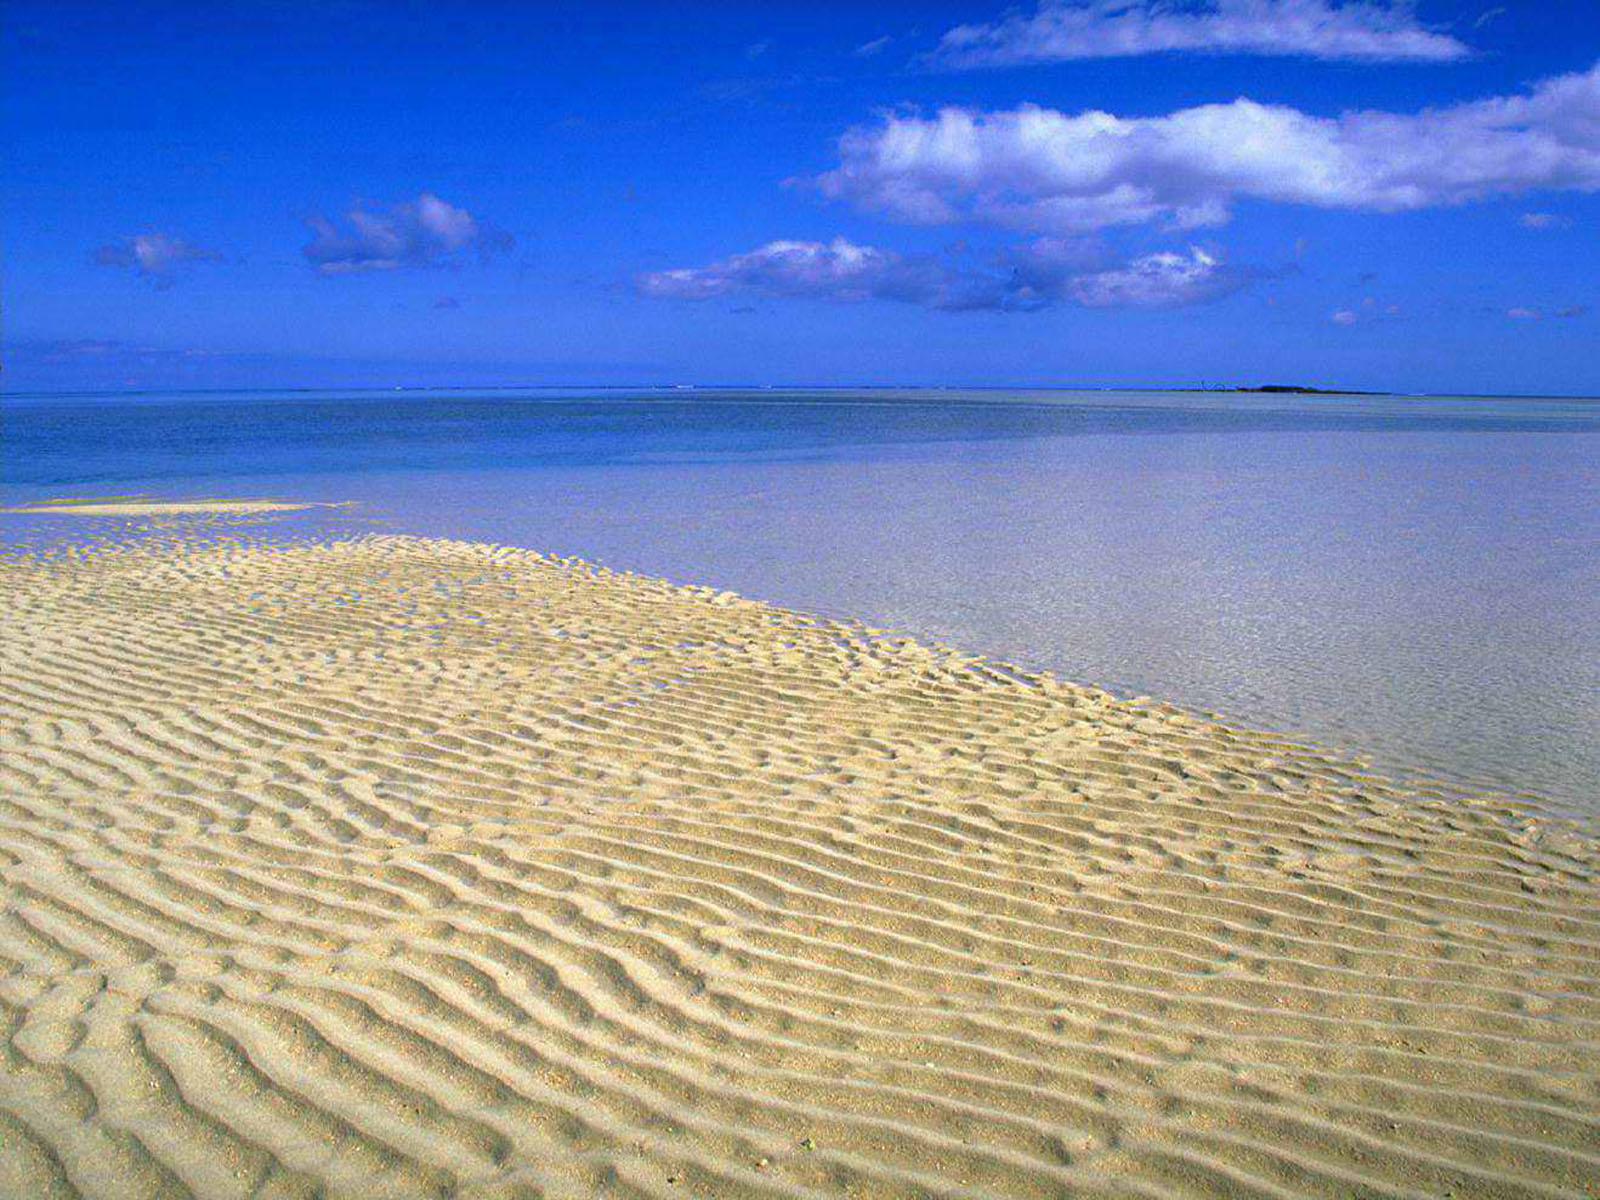 Desktop Wallpaper Tropical Beach Tropical Beach Wallpaper 023 1600x1200